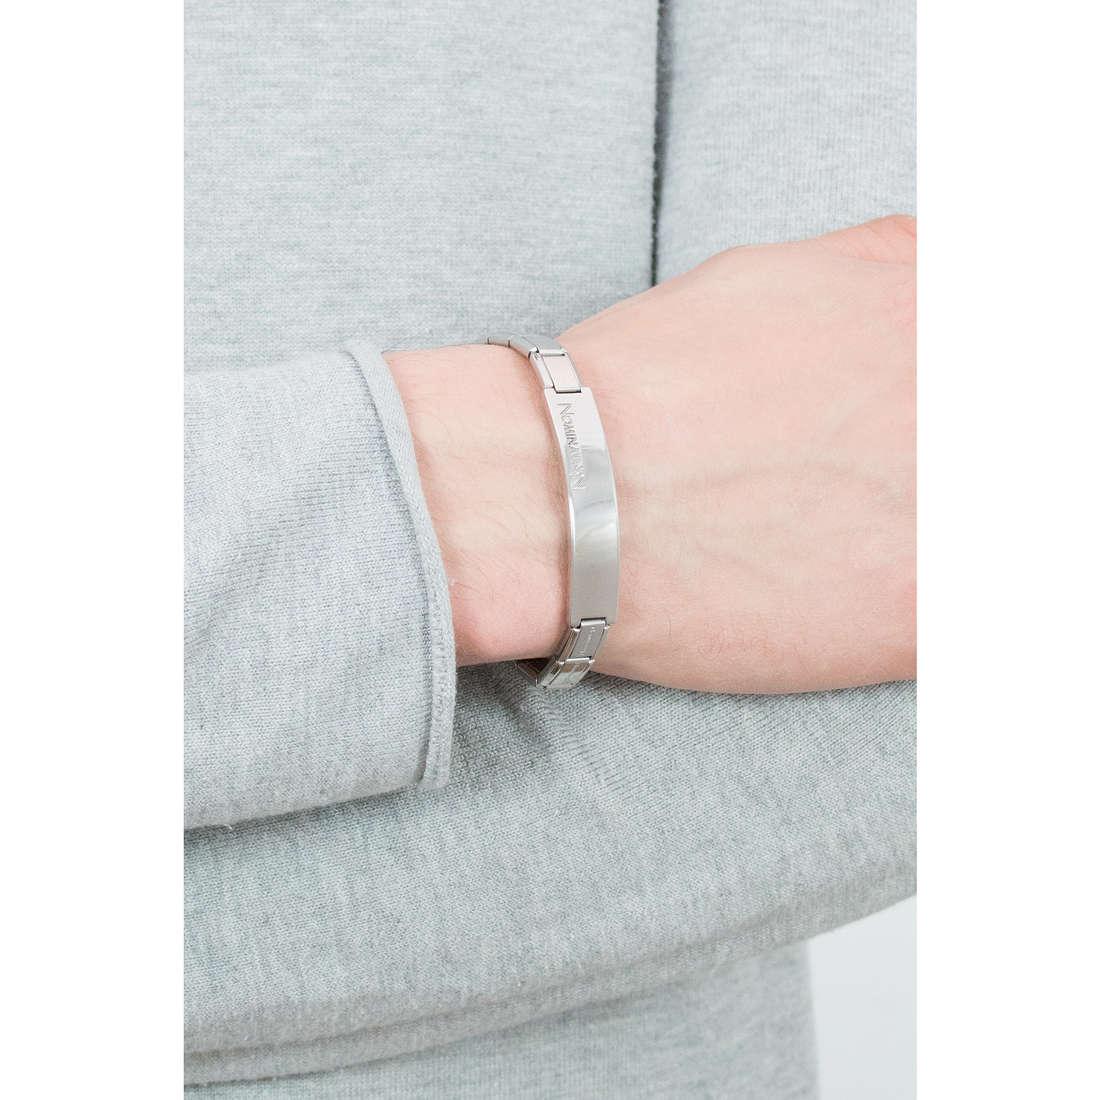 Nomination bracelets Trendsetter man 021106/004 indosso